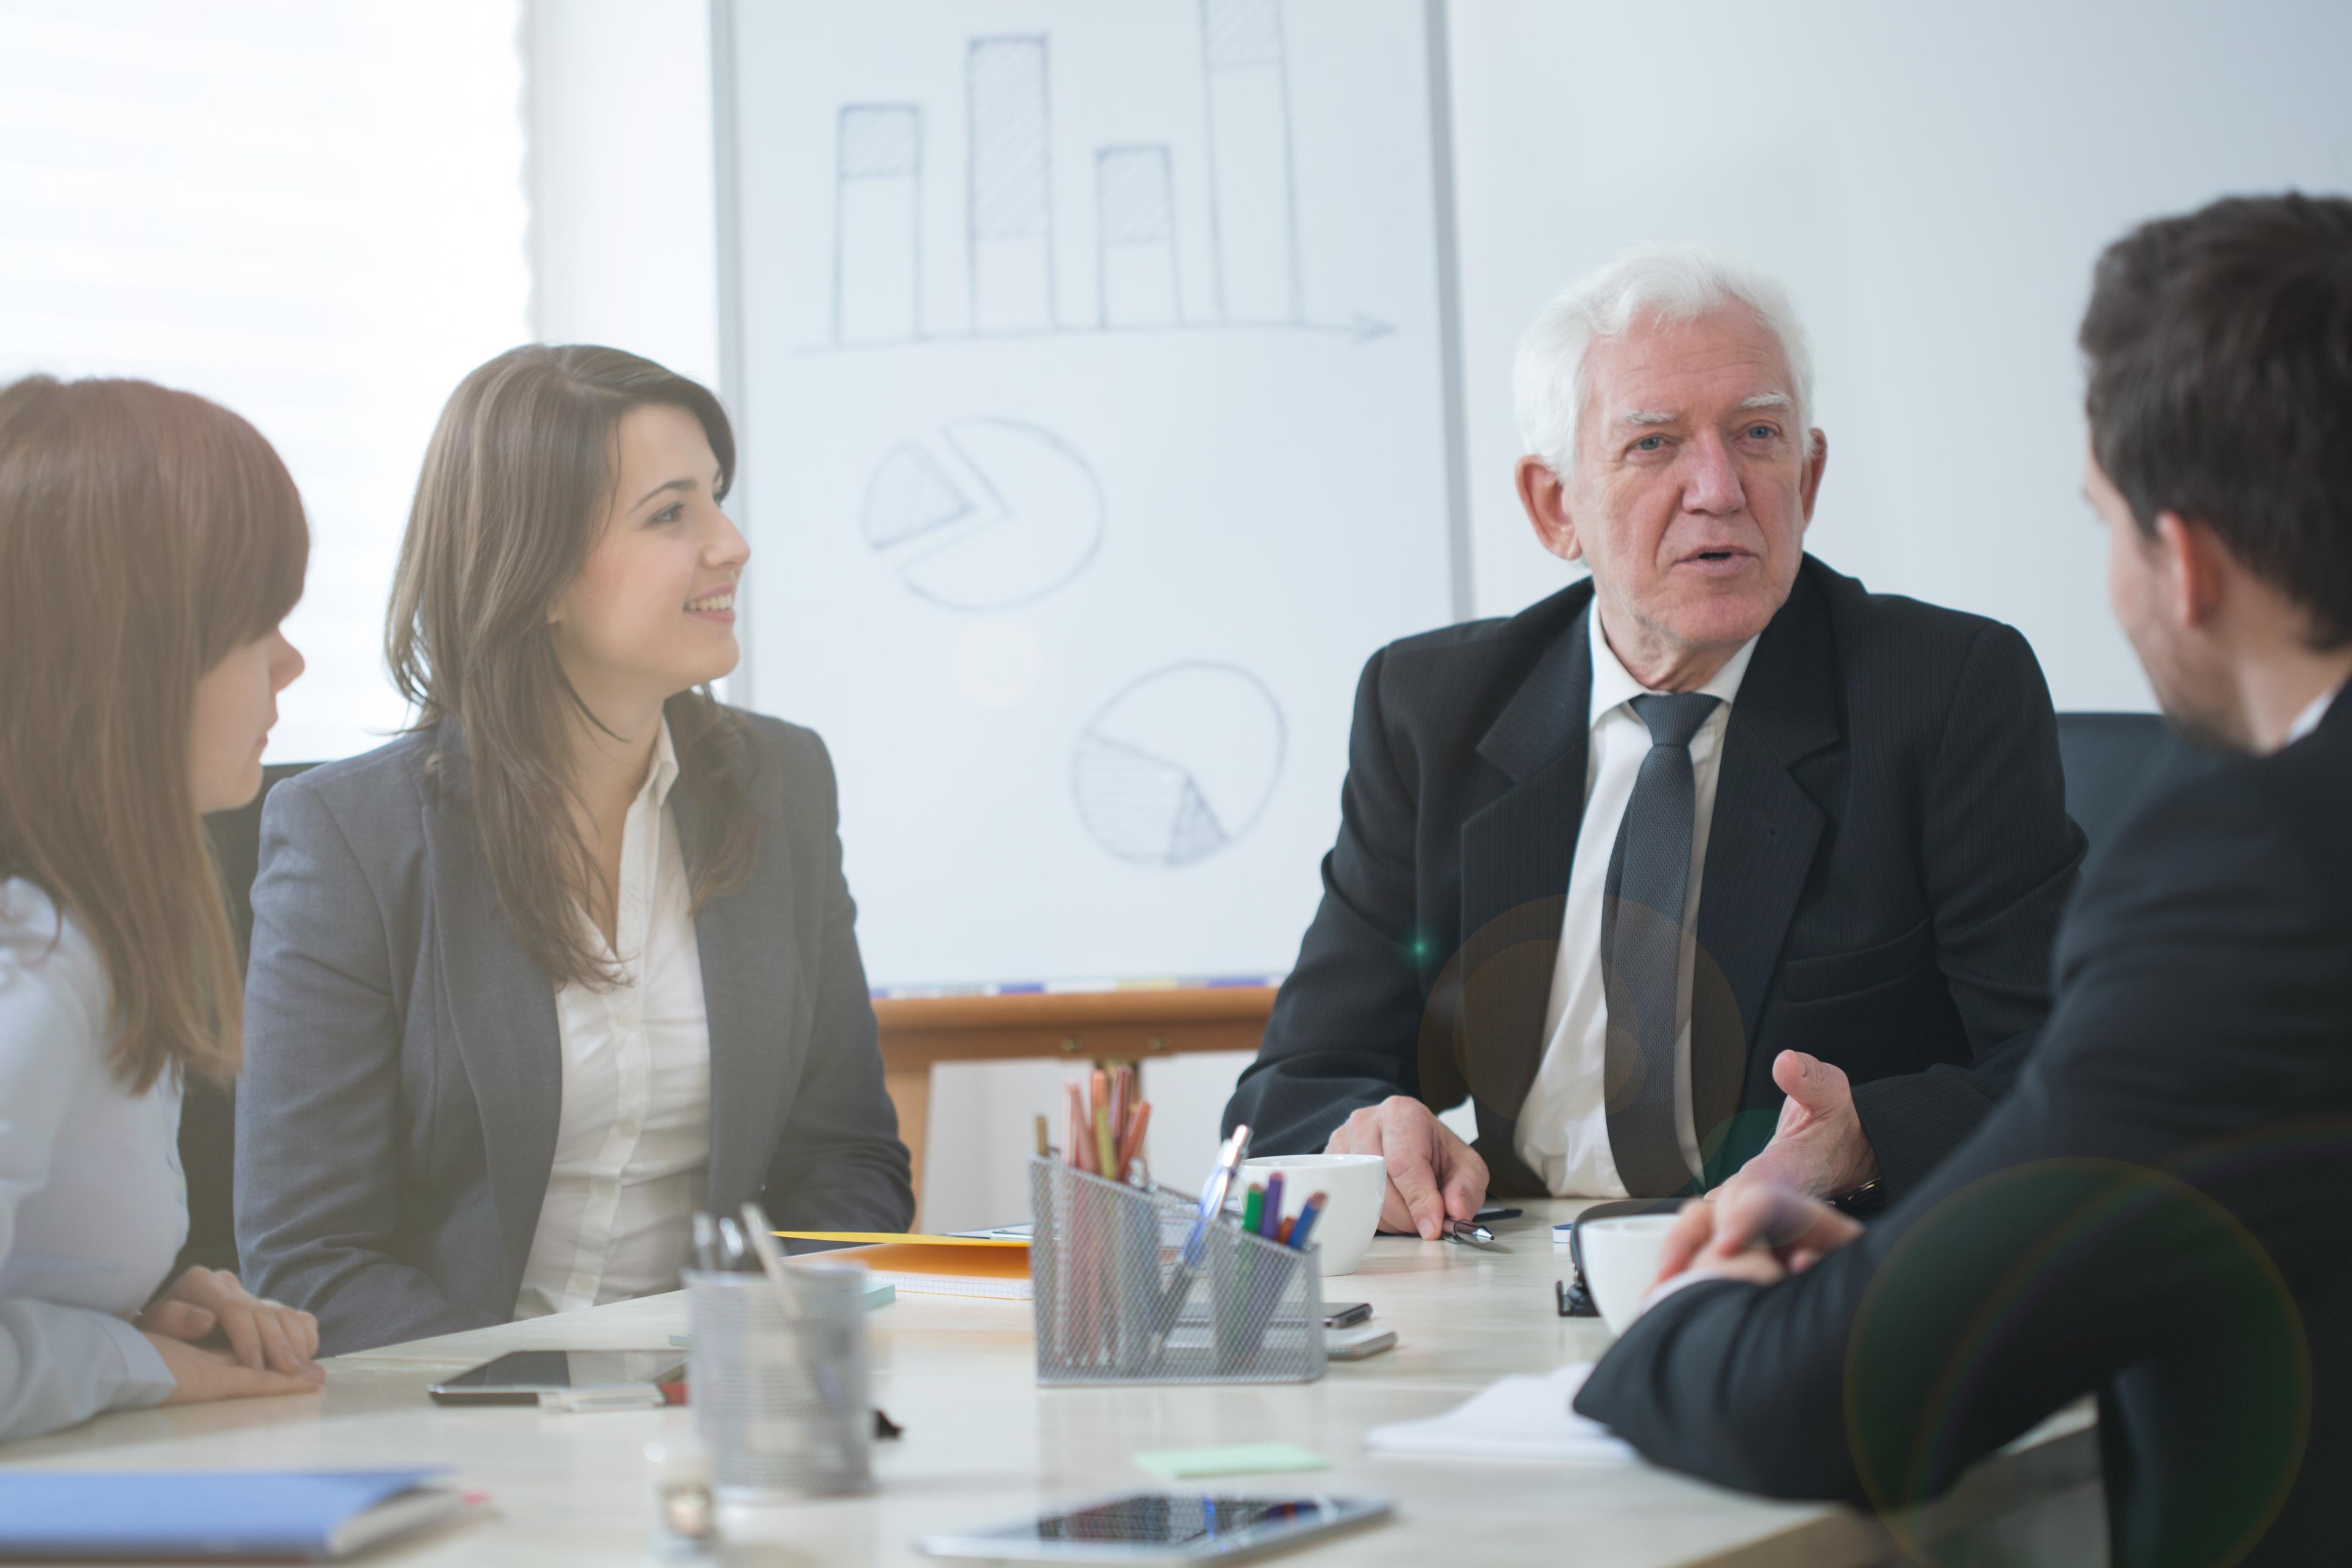 Handleiding als hulpmiddel bij transitie naar een moderner pensioenstelsel